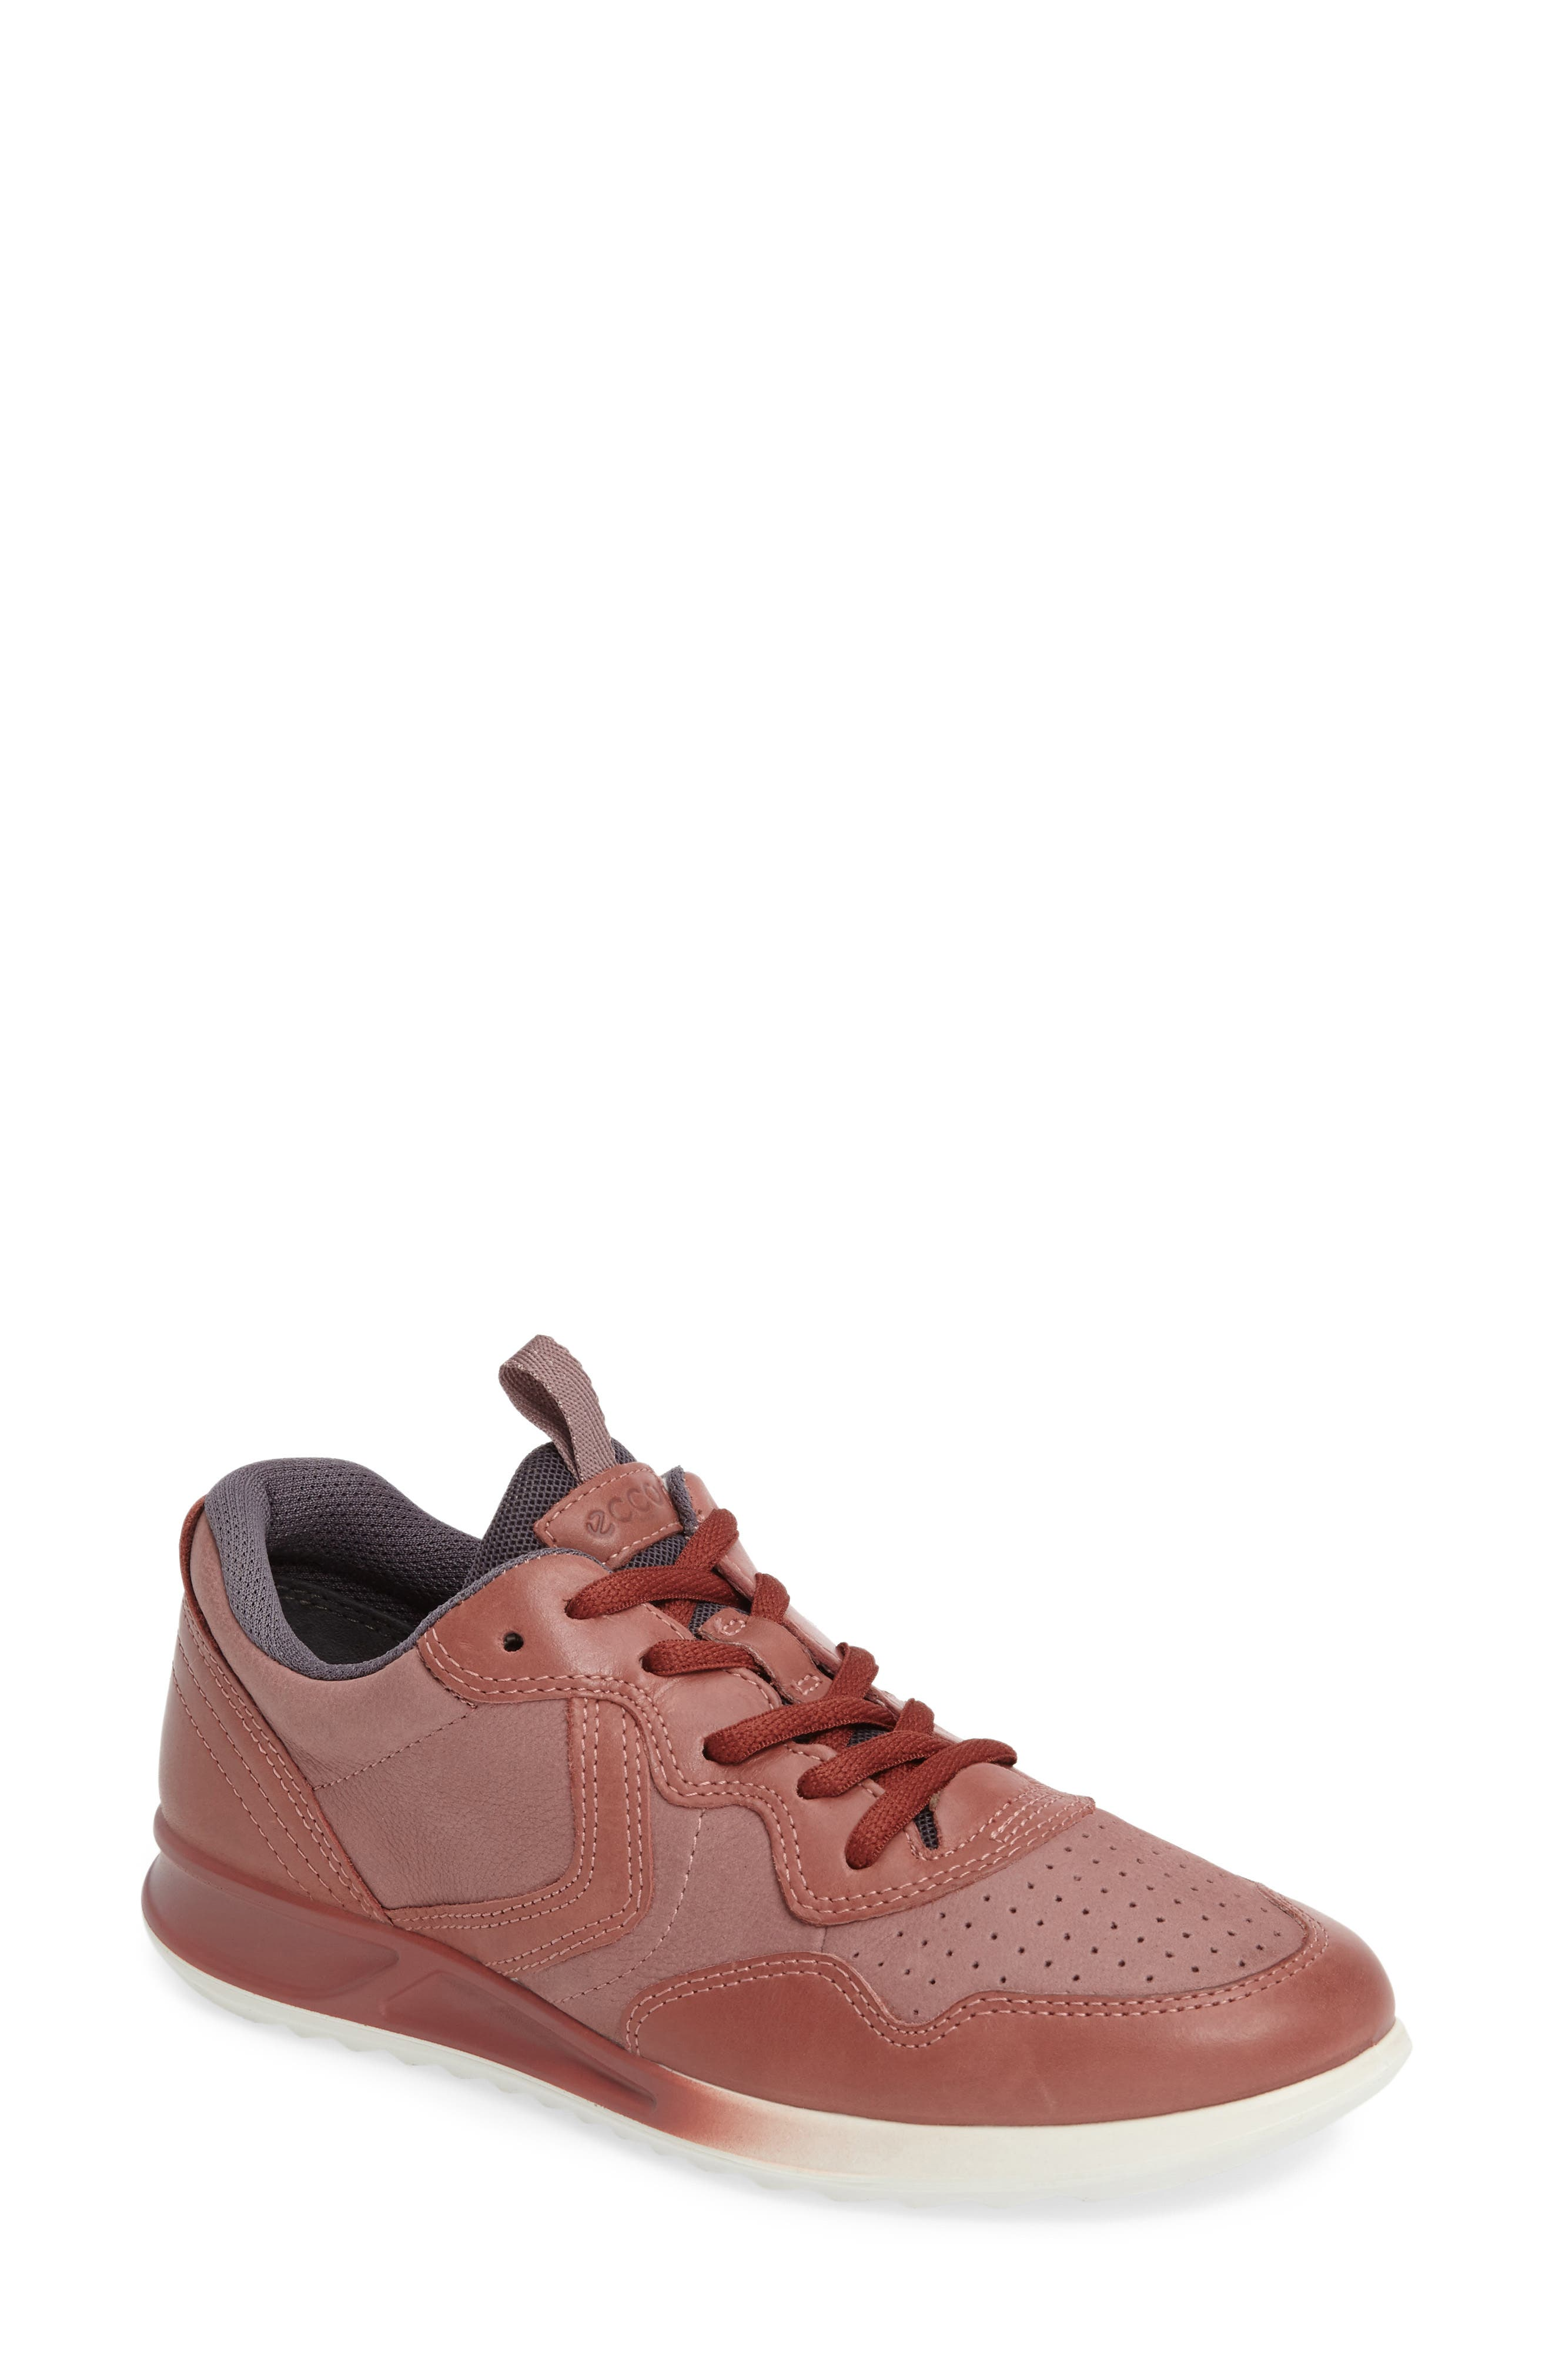 ECCO Genna Sneaker (Women)